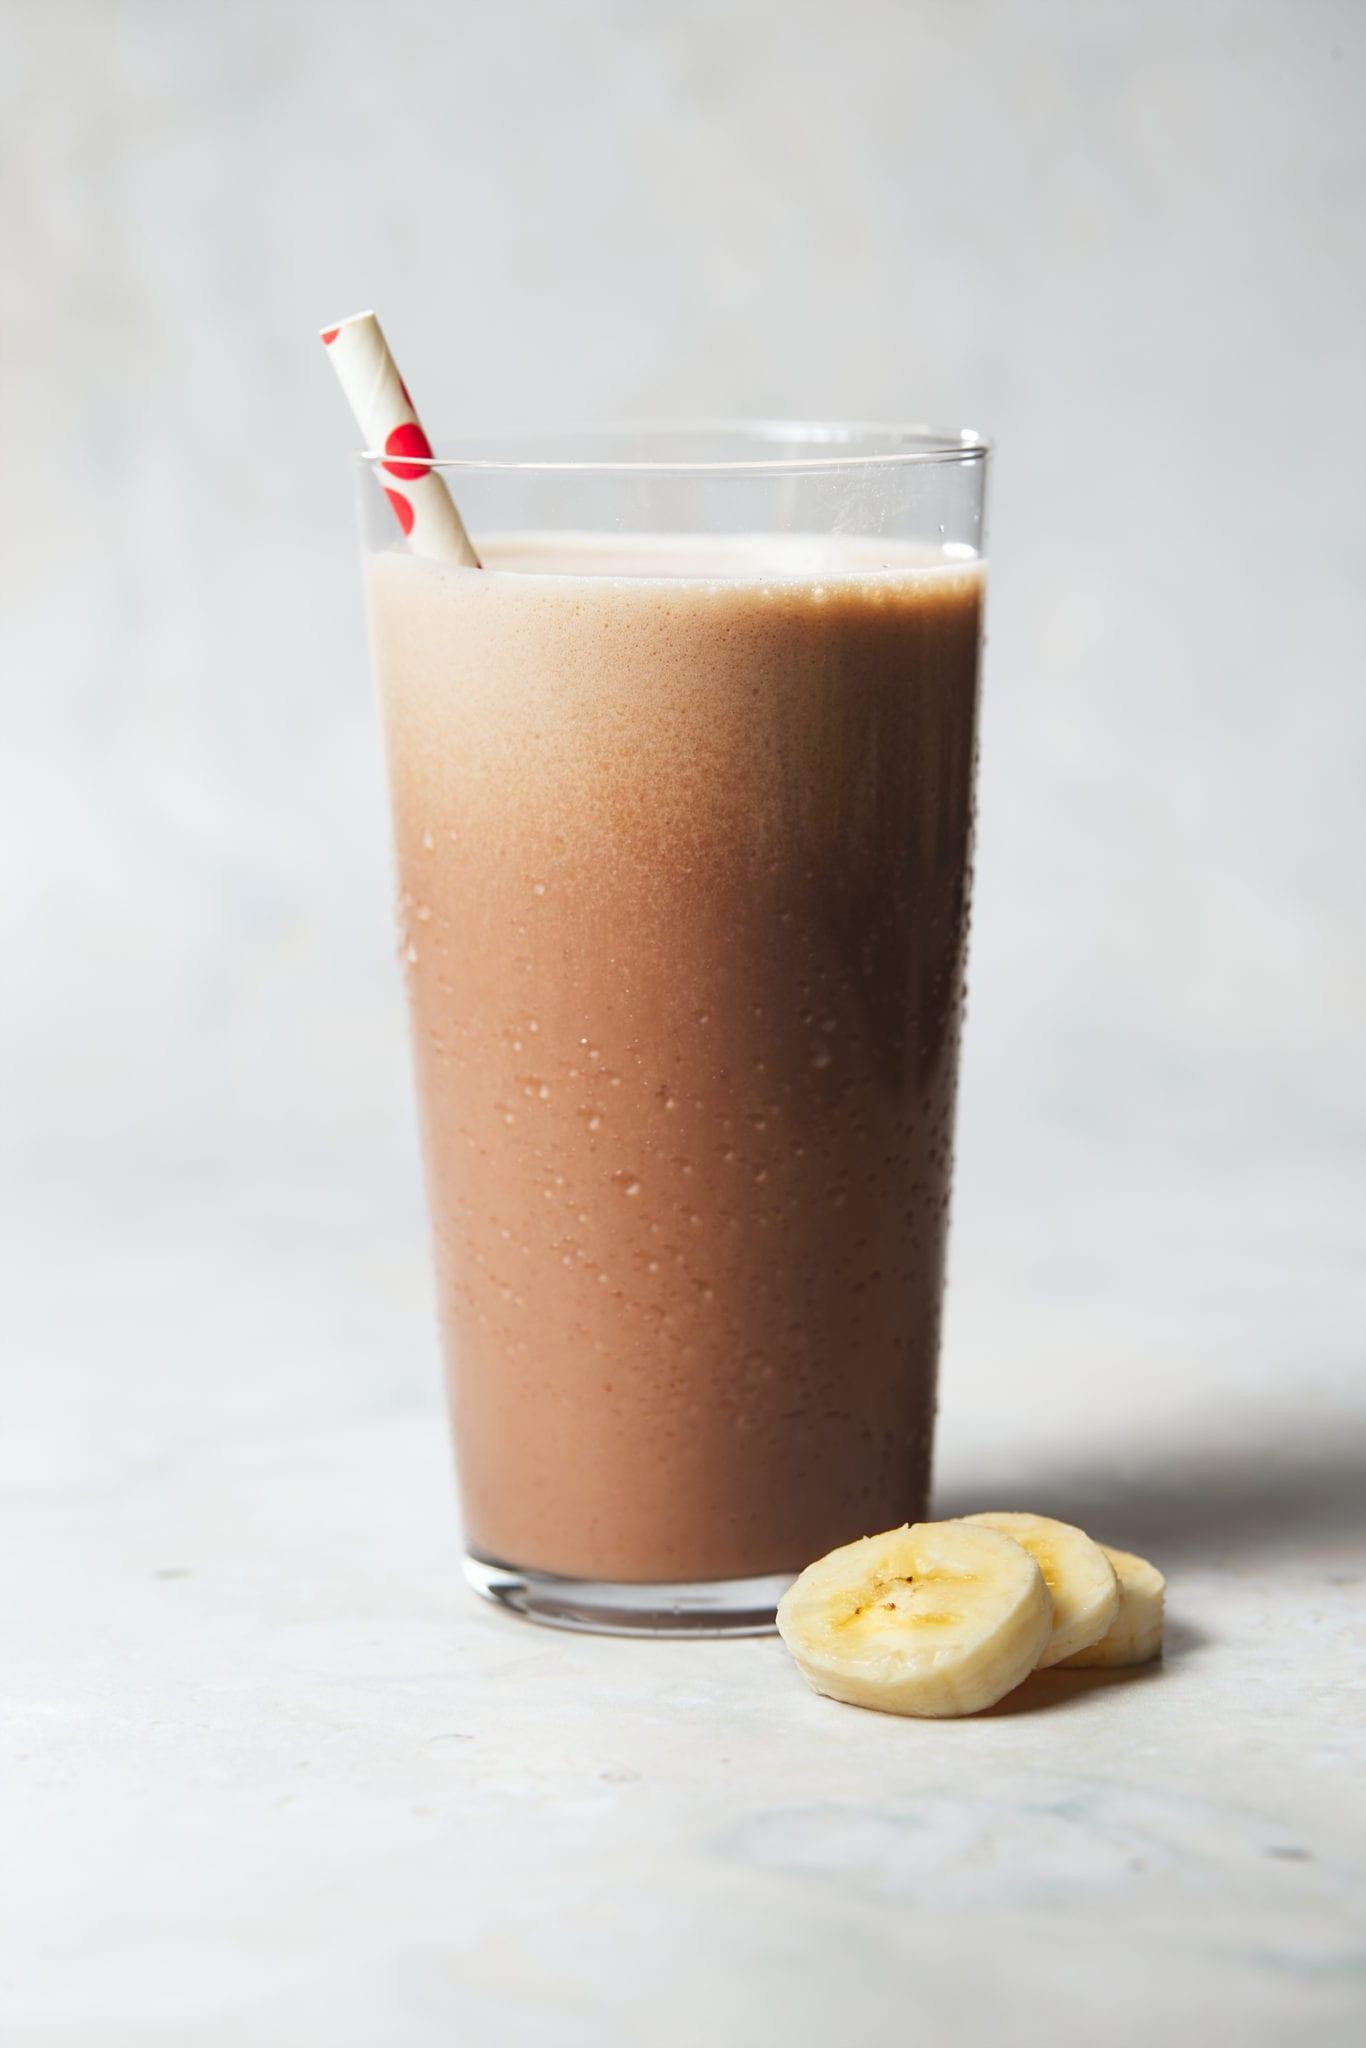 chocolate banana protein shake - chocolate banana shake in glass